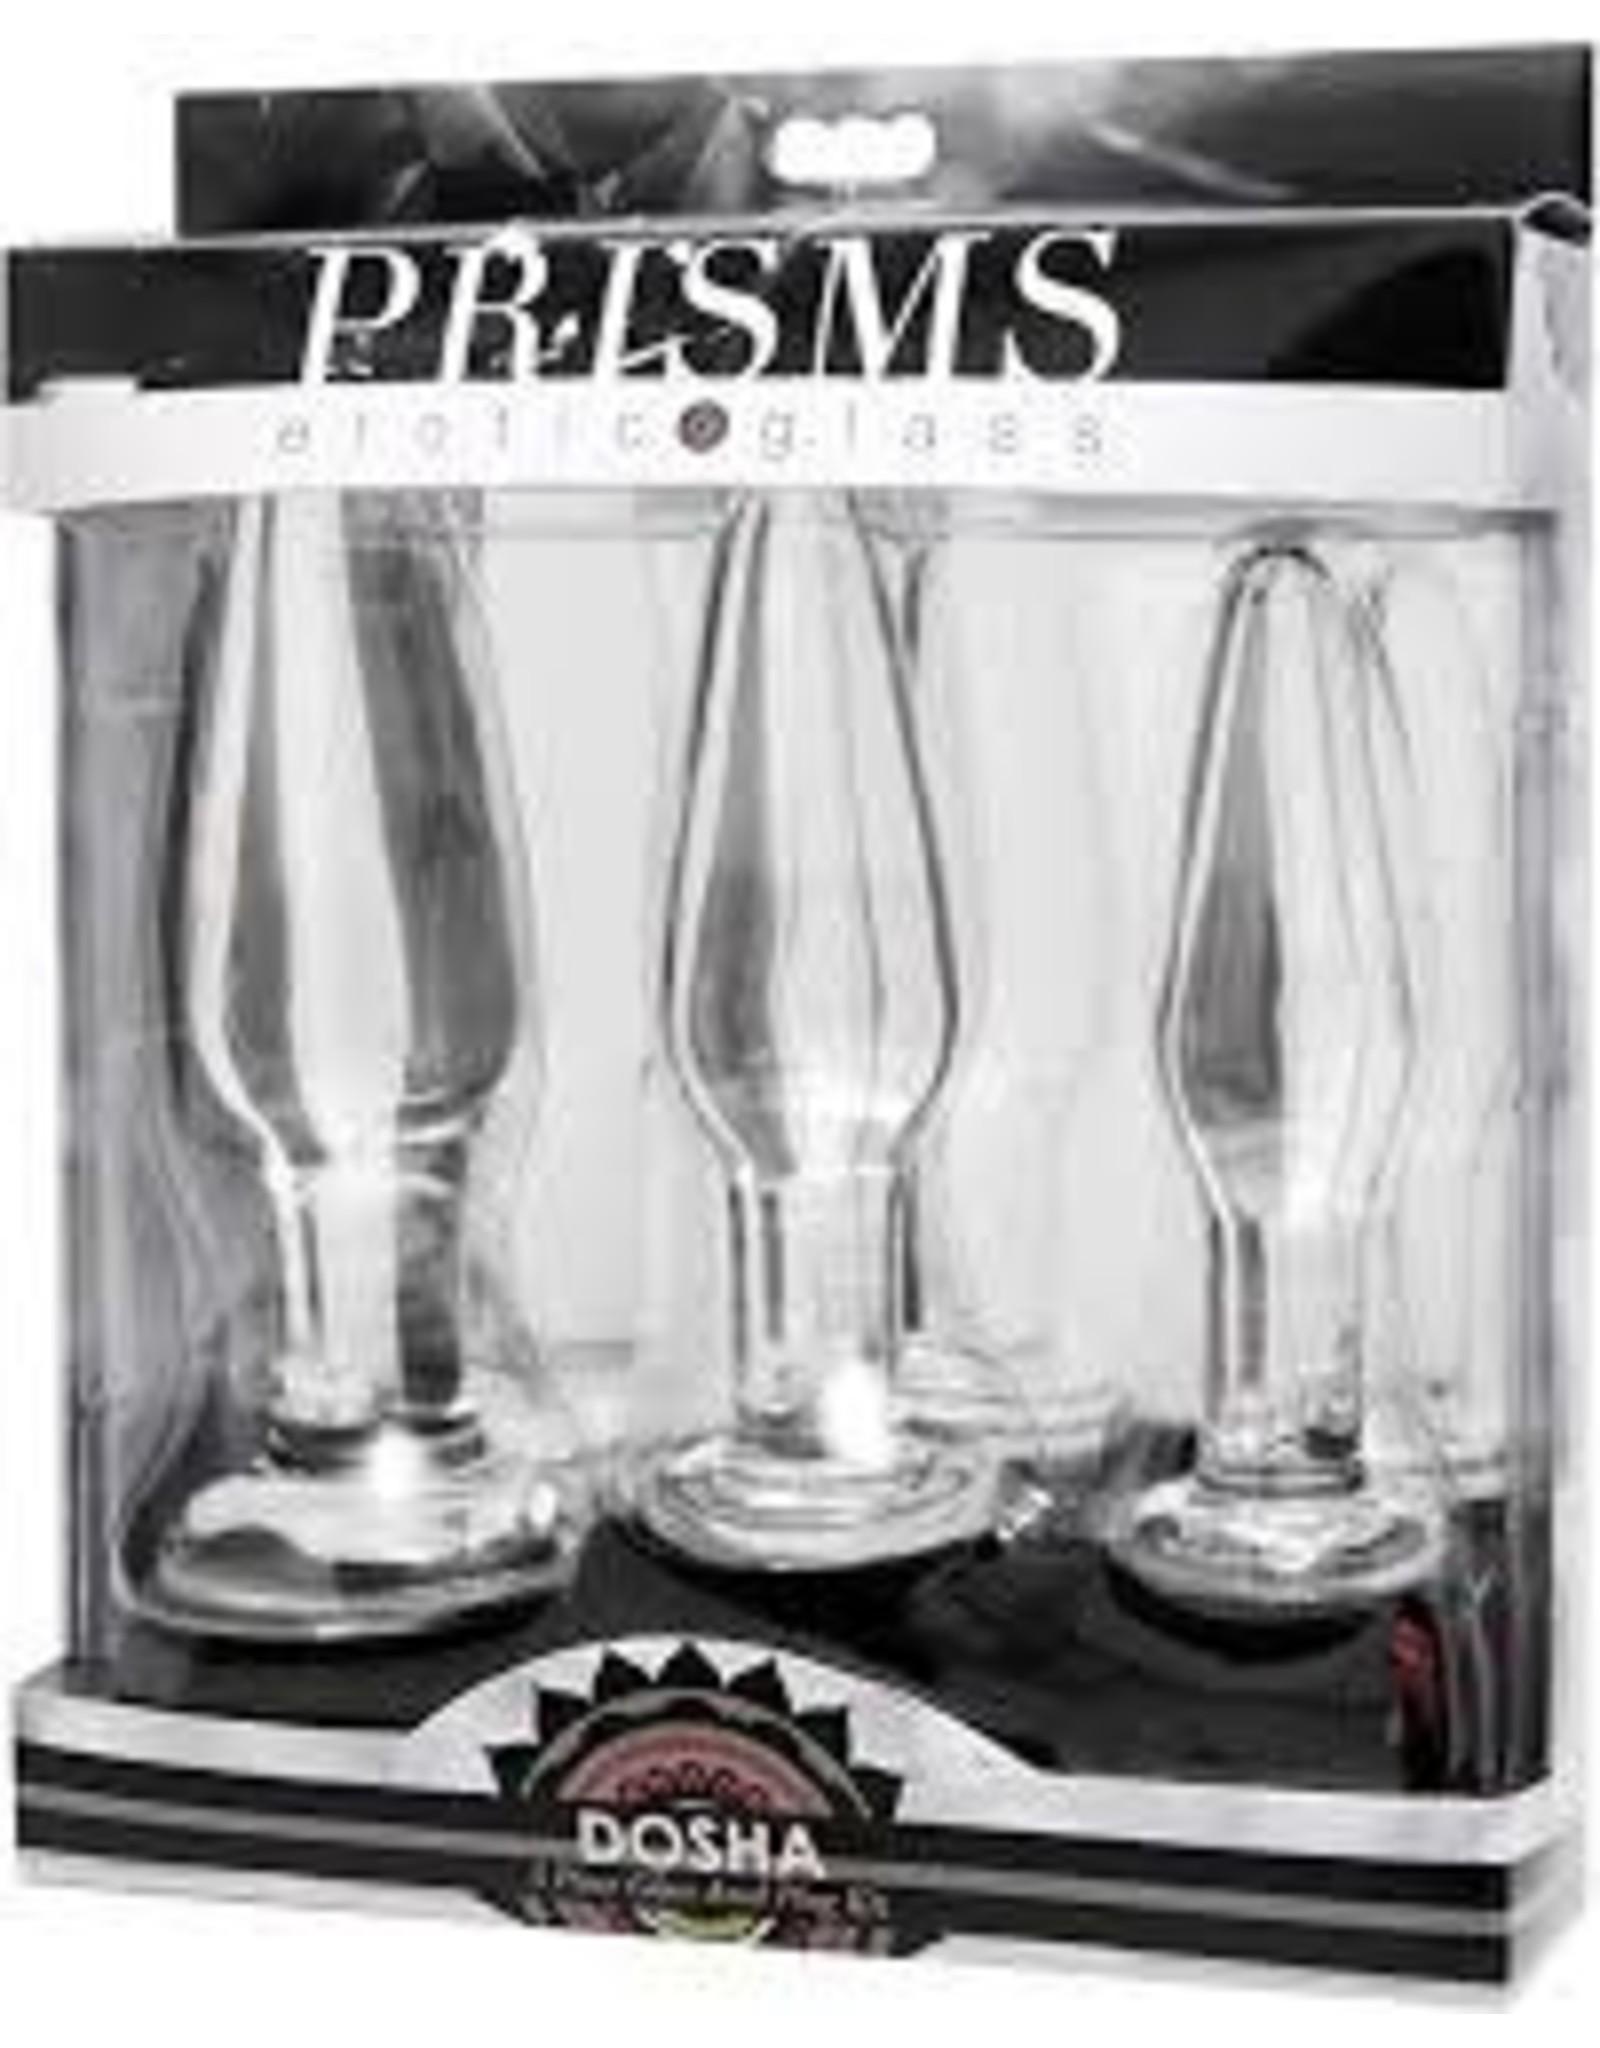 Prisms Dosha 3 Piece Glass Anal Plug Kit